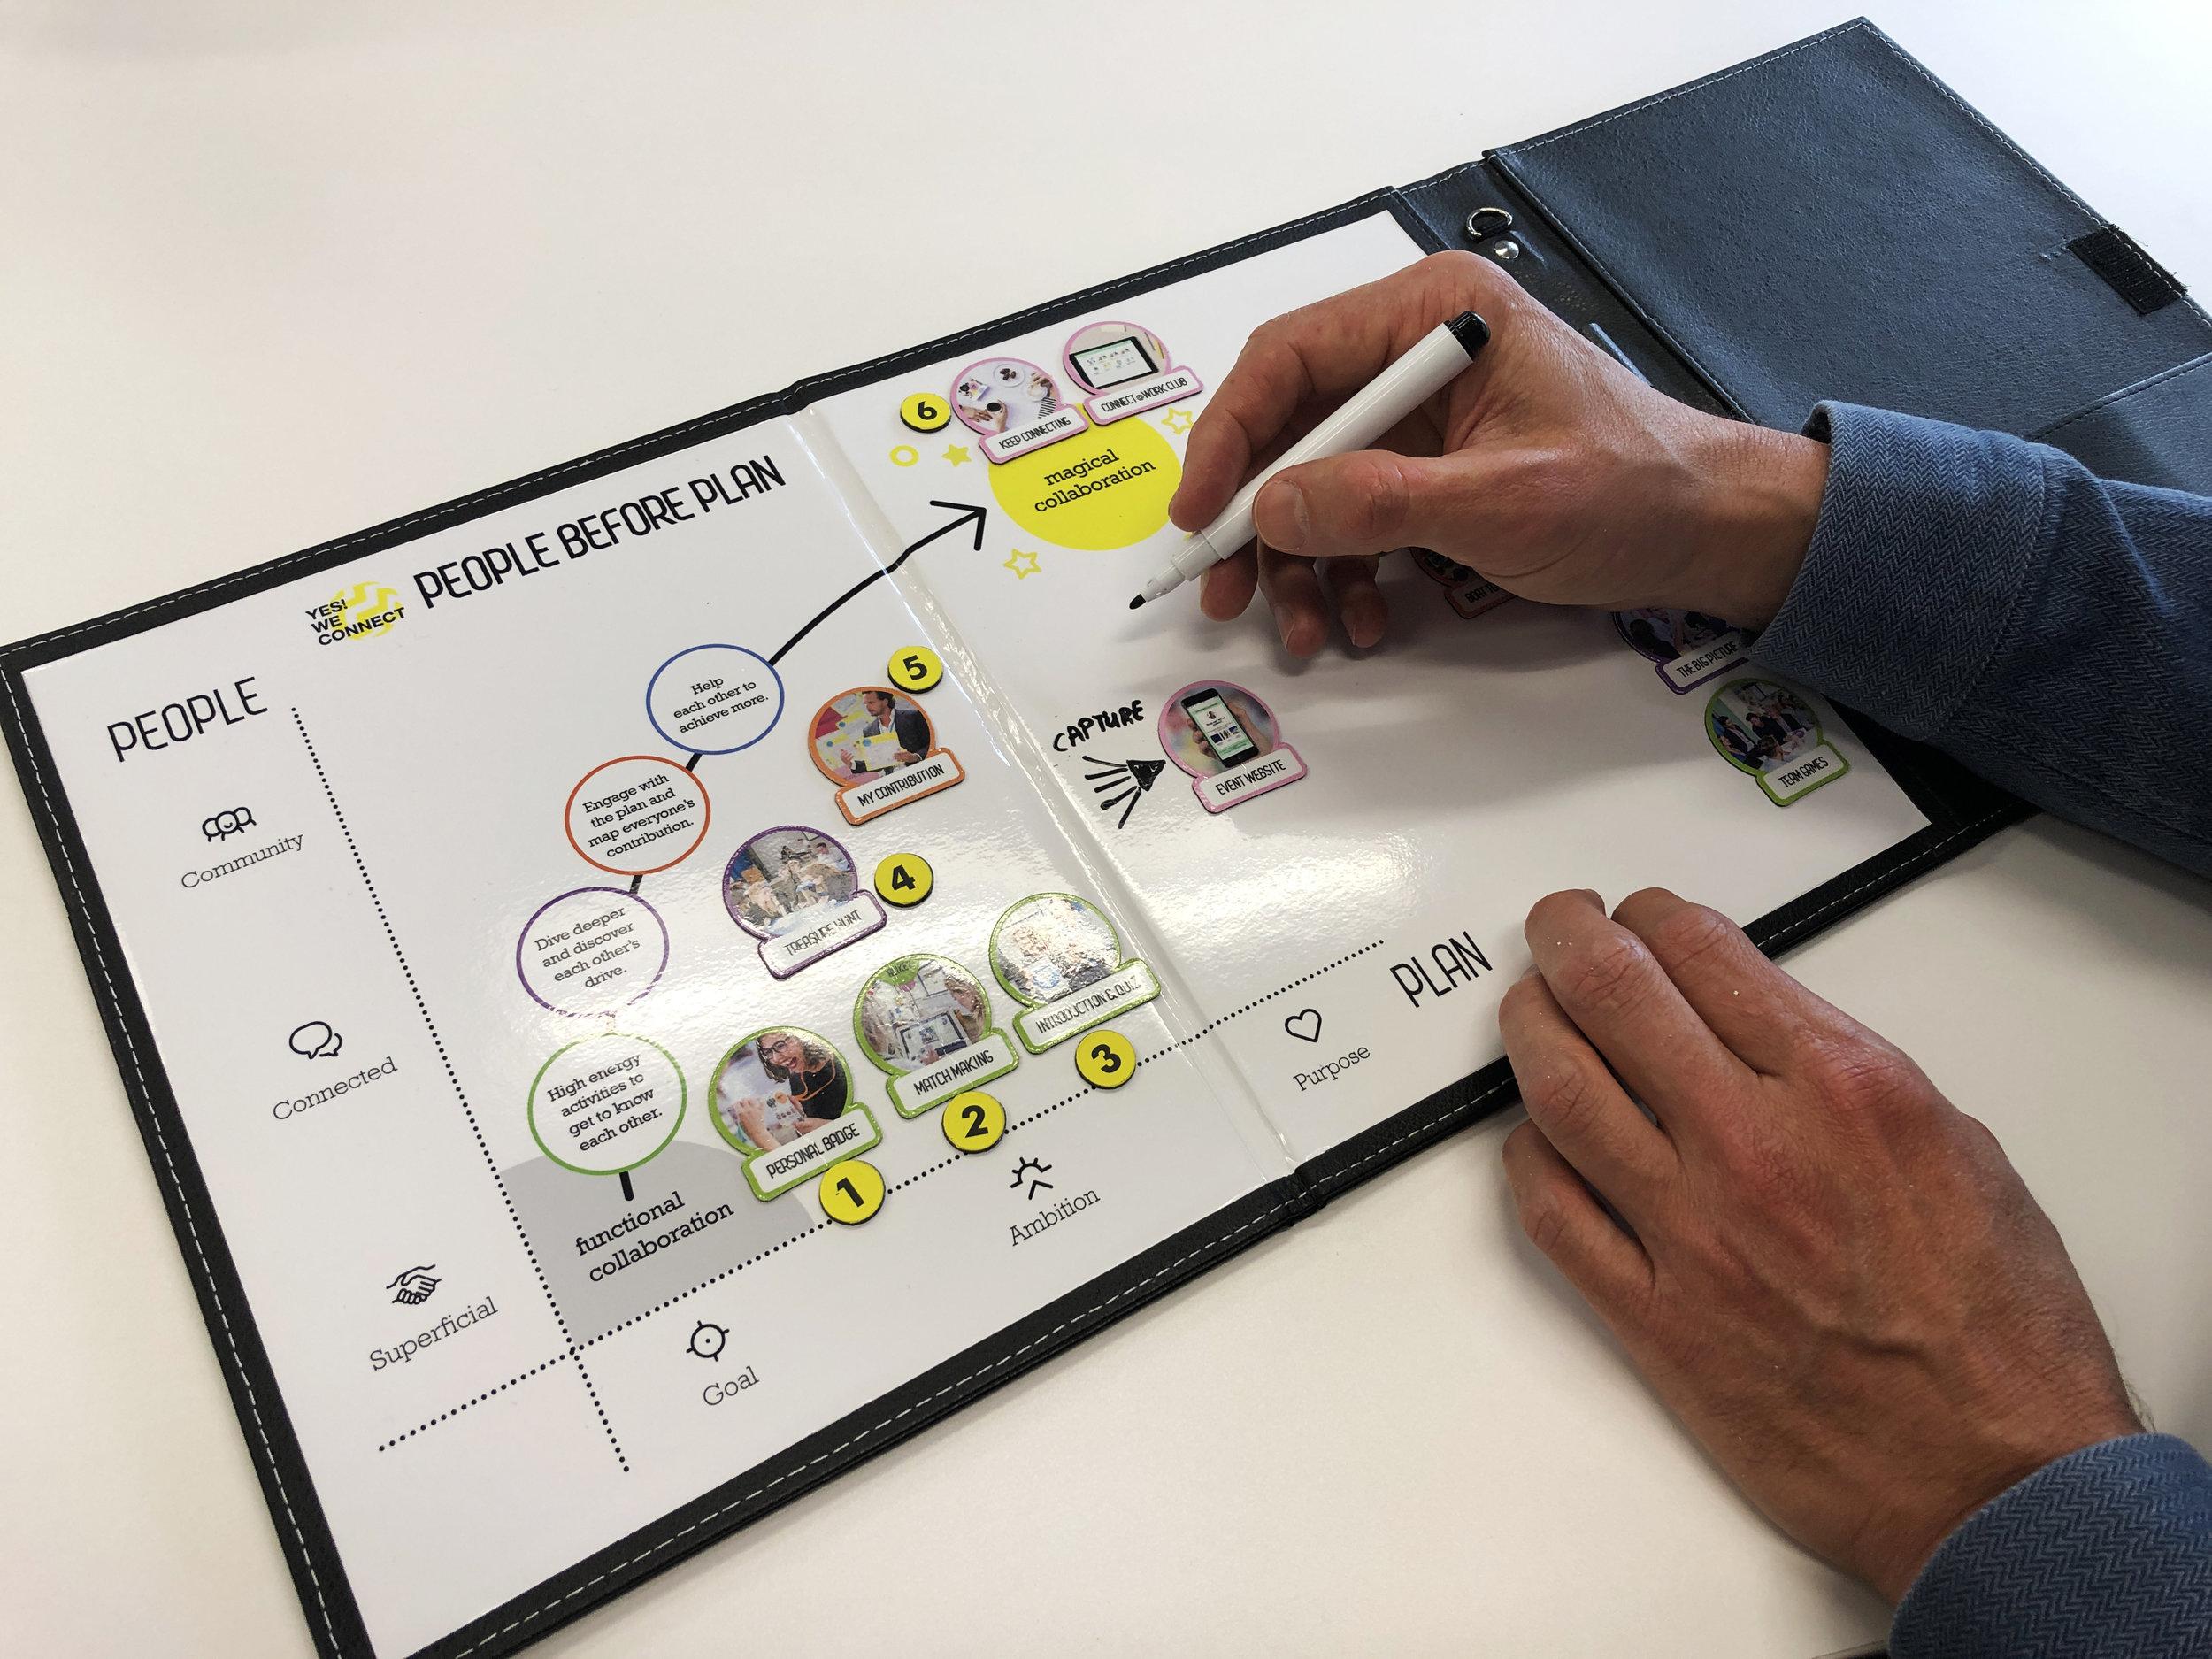 Meeting design kit